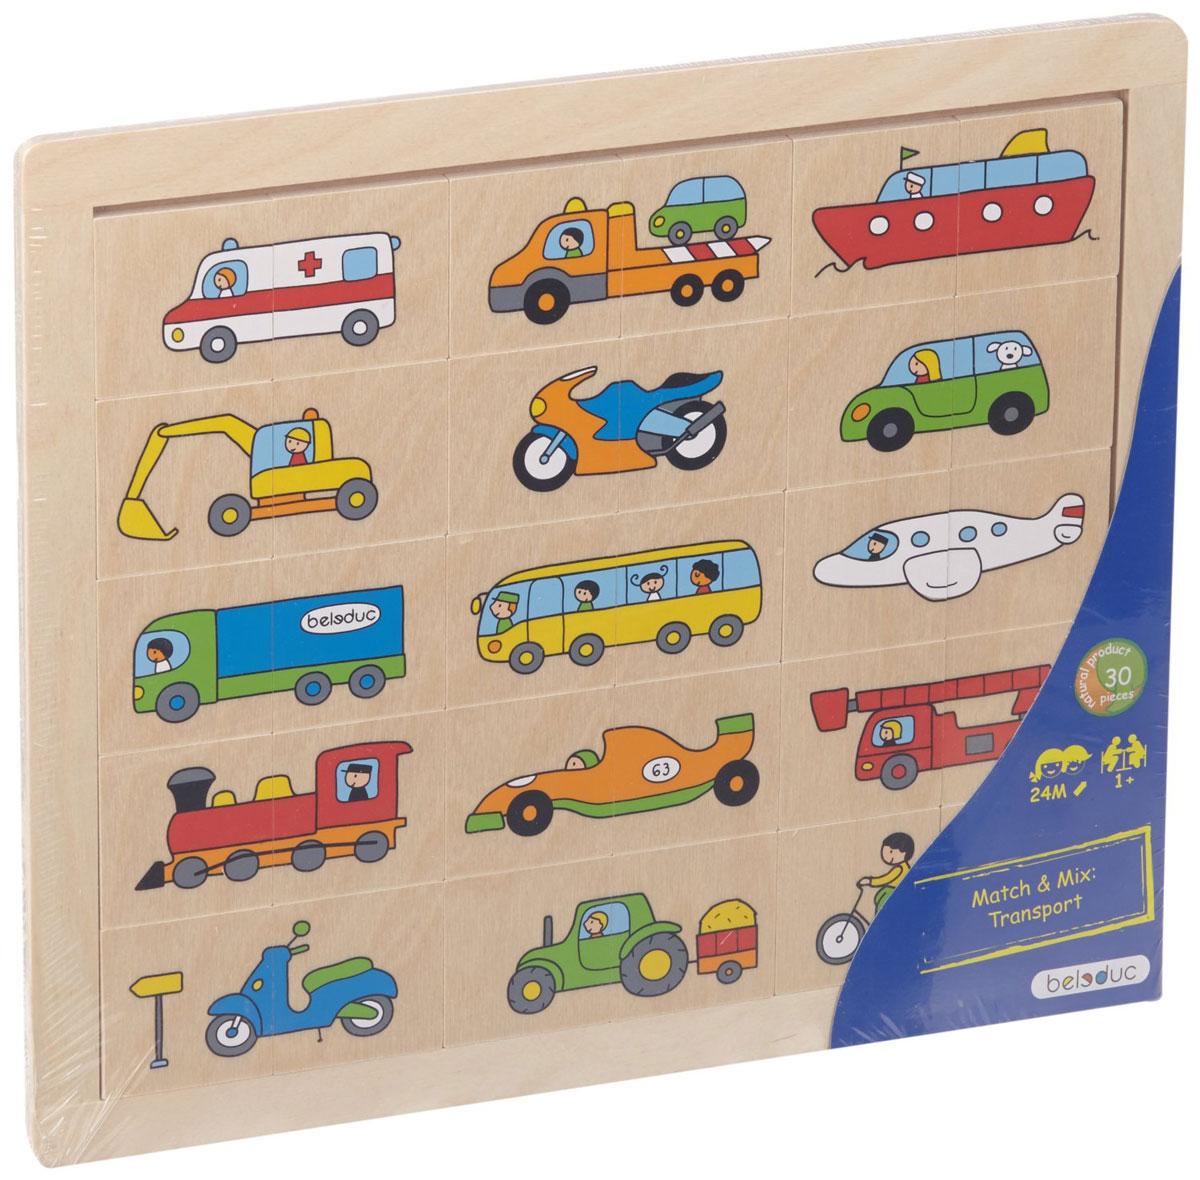 Beleduc Пазл для малышей Транспорт11007Пазл для малышей Beleduc Транспорт - прекрасная развивающая игрушка для ребенка в возрасте от 2 лет. В комплекте 30 элементов и основа. Каждая картинка состоит из 2 частей. Задача ребенка - правильно составить все картинки и разместить их в рамке. Игра способствует развитию визуального восприятия, наблюдательности, учит различать цвета и формы. Собирание пазлов тренирует пространственное мышление, умение выстраивать логические цепочки, что важно в школьном и взрослом возрасте.